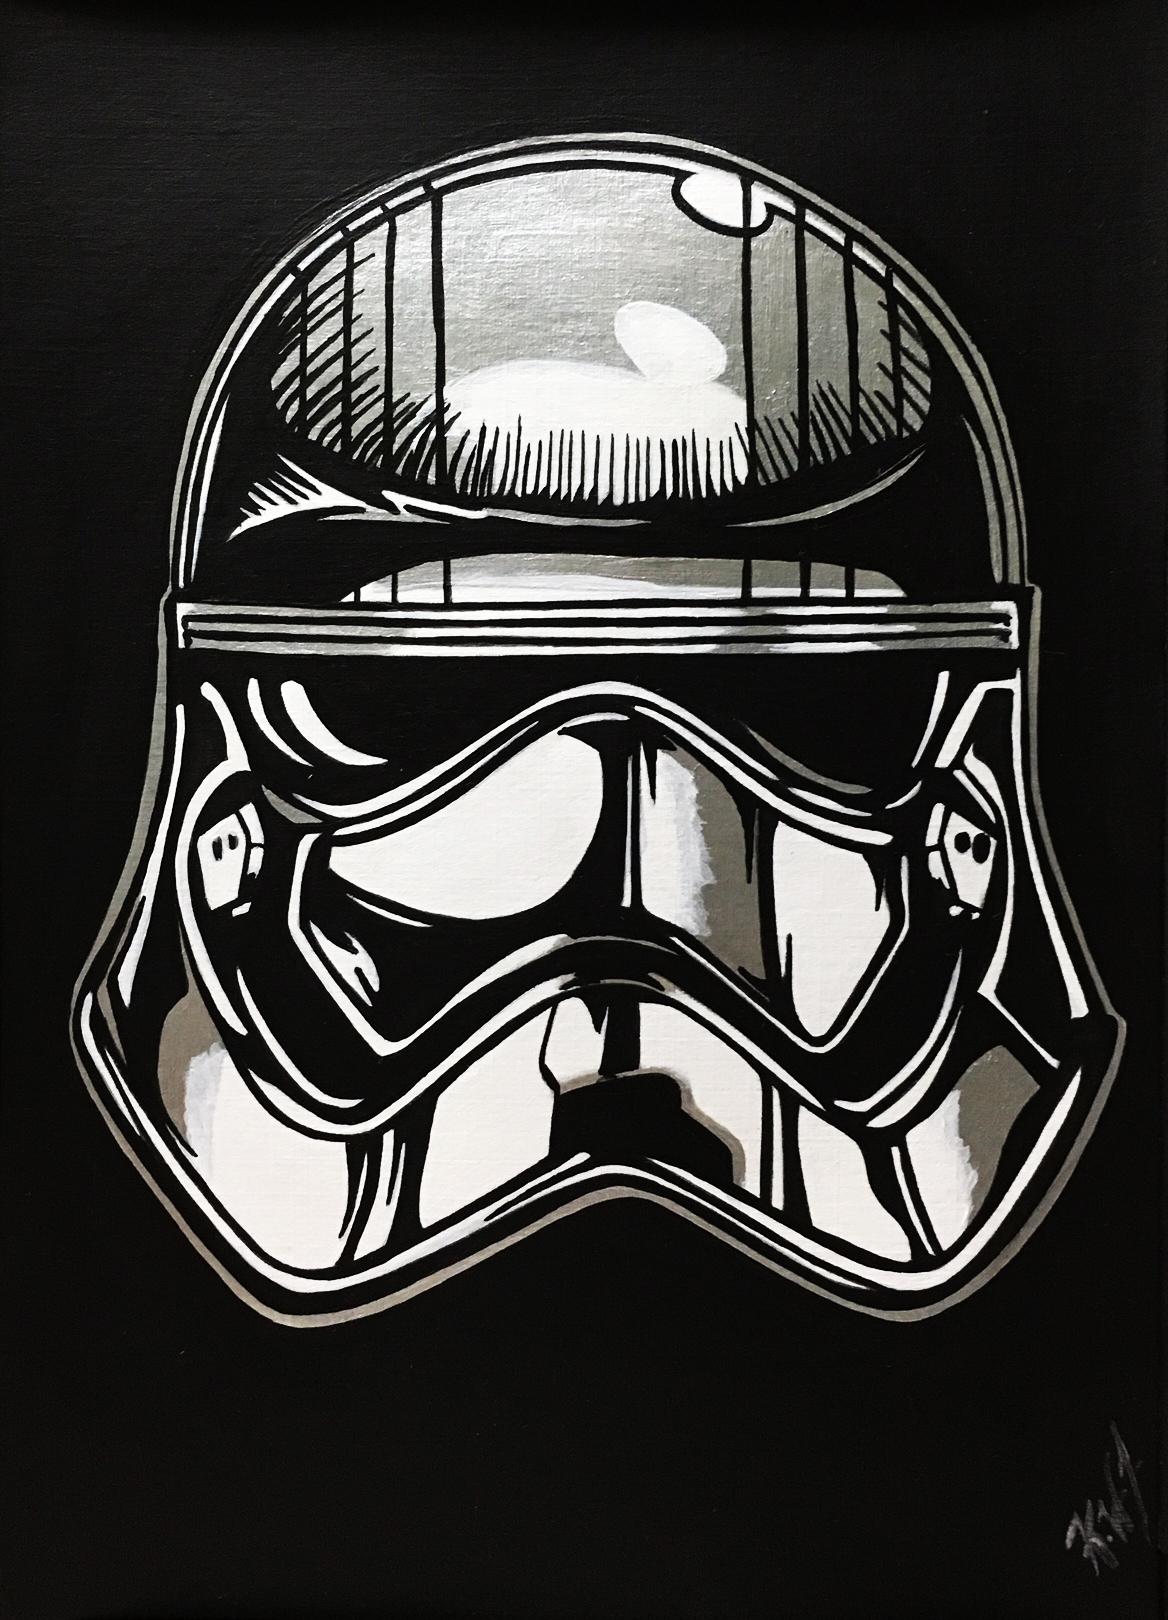 Star Wars Cpt Phasma